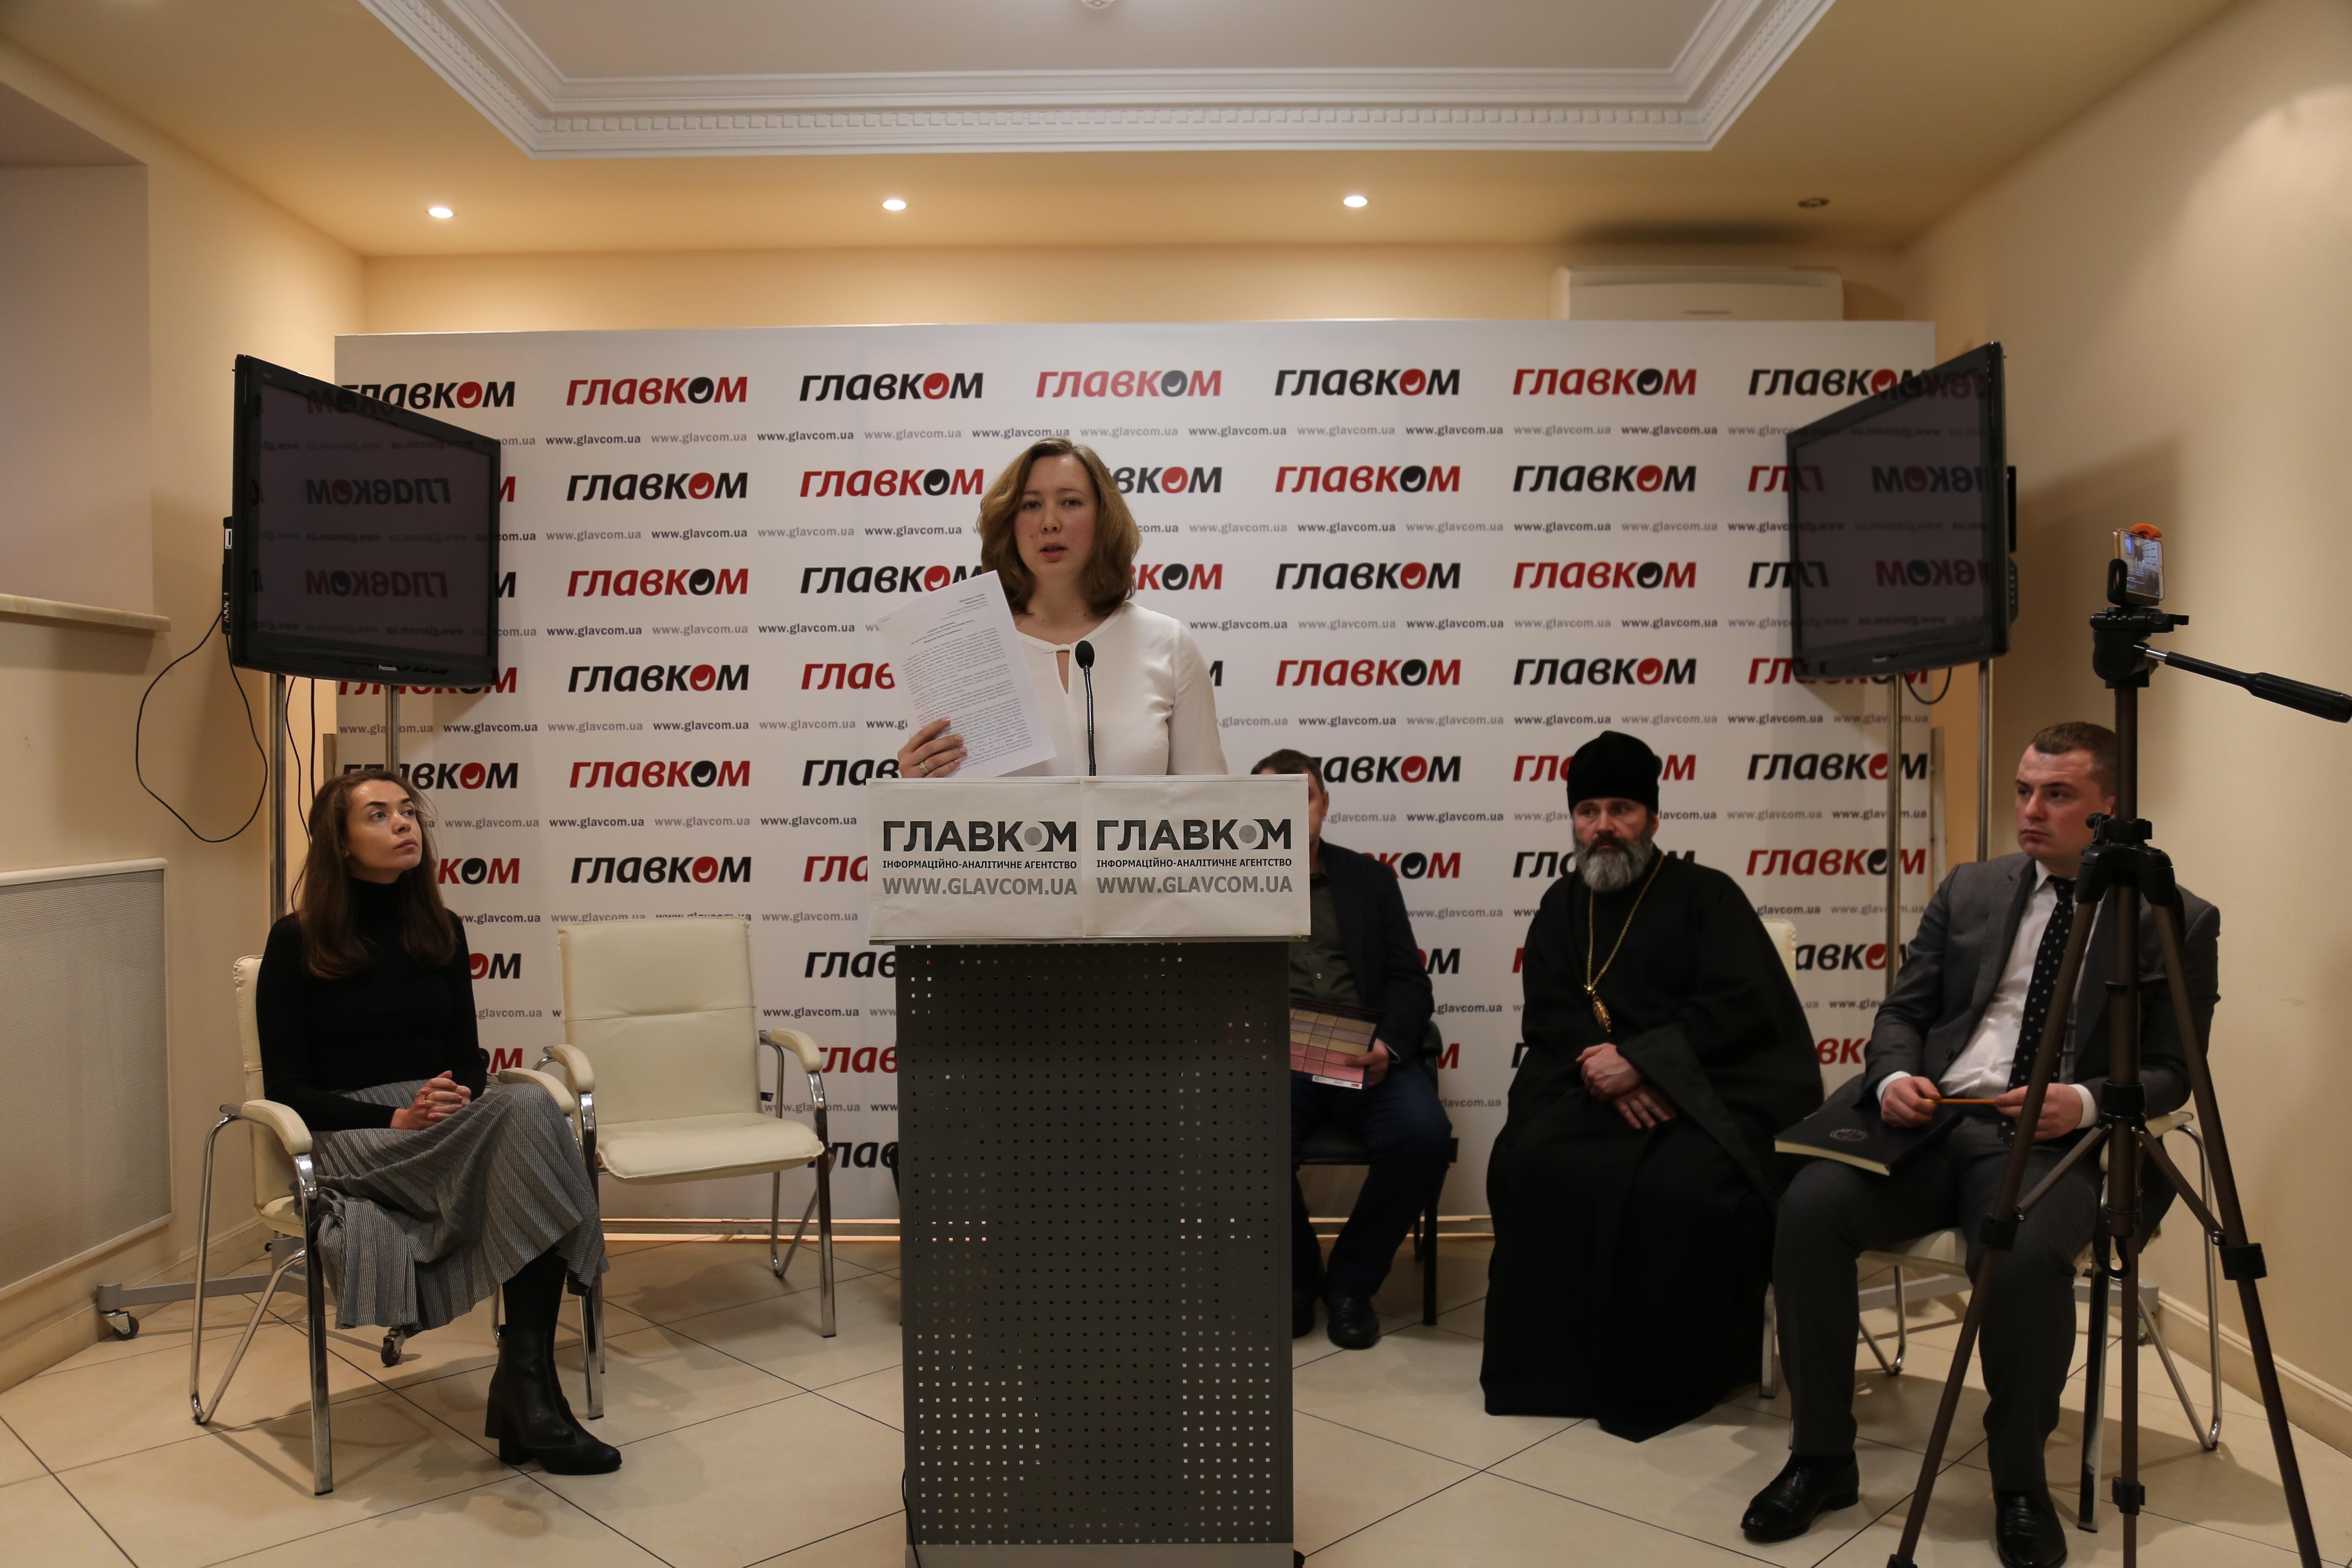 Активисты просят Порошенко присвоить звание Героя Украины крымчанину Владимиру Балуху